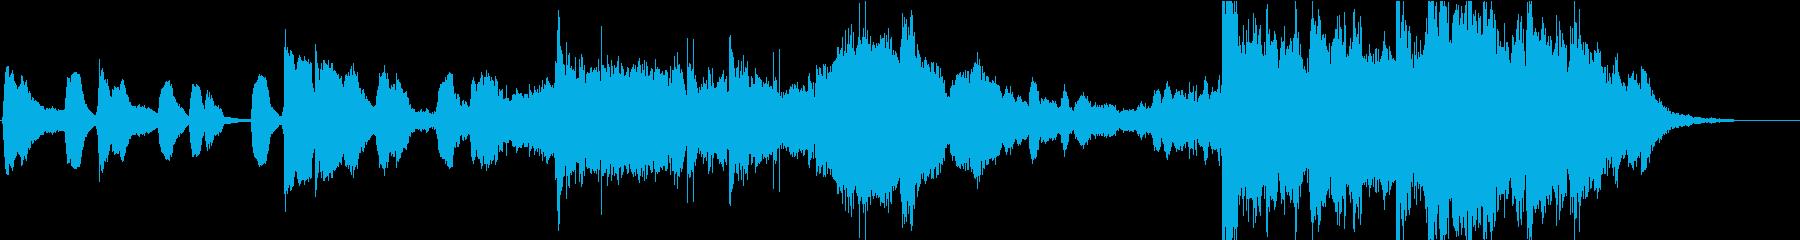 ピアノが印象的なアート系30秒の再生済みの波形